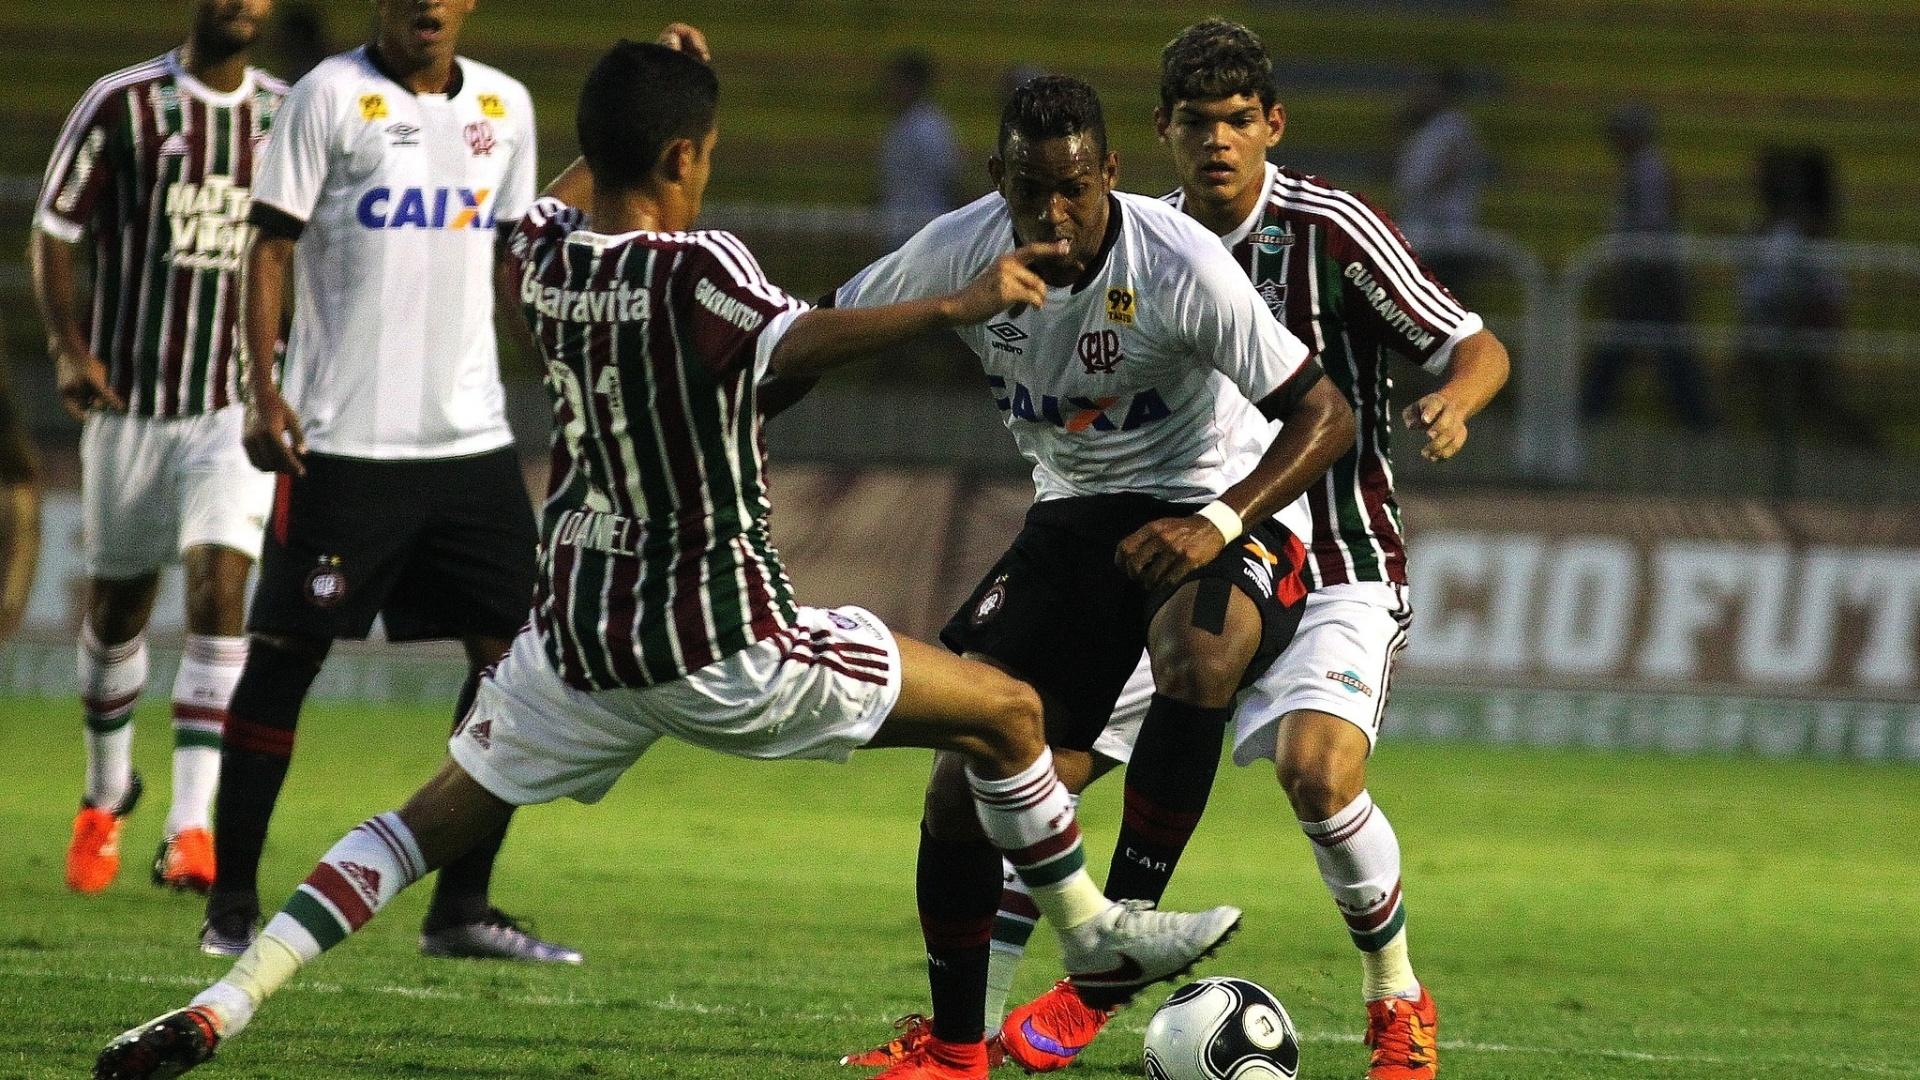 Jogadores do Fluminense e do Atlético-PR disputam bola em jogo válido pela Primeira Liga nesta quarta (27)